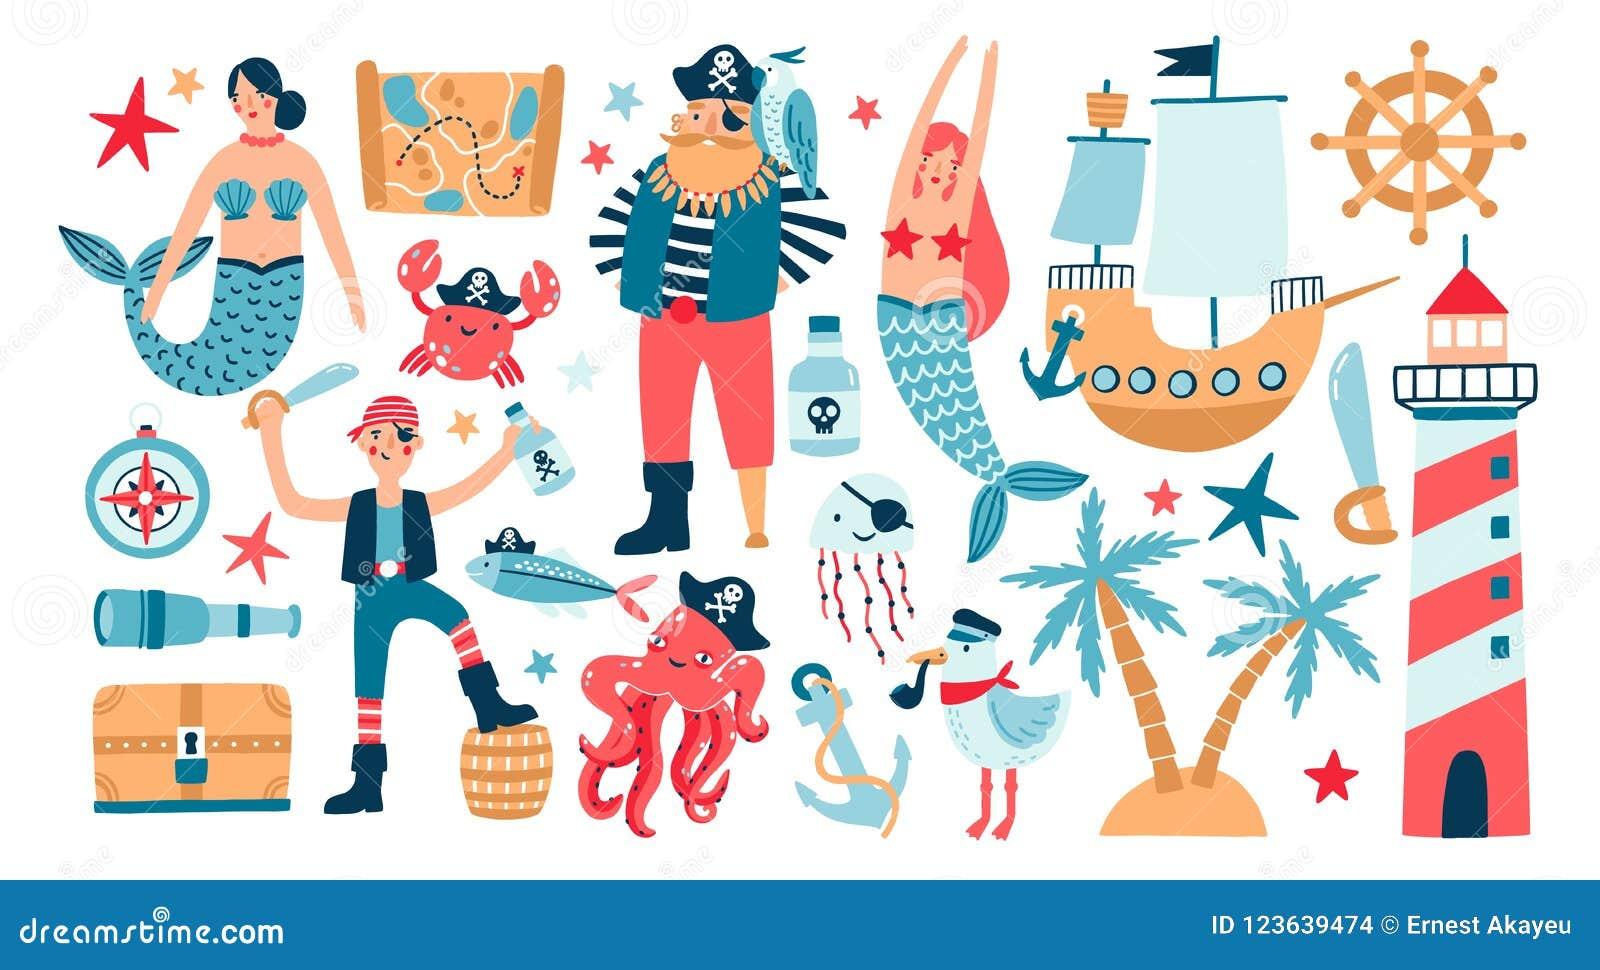 Собрание прелестных пиратов, корабля ветрила, русалок, рыб моря и подводных тварей, сундука с сокровищами, маяка